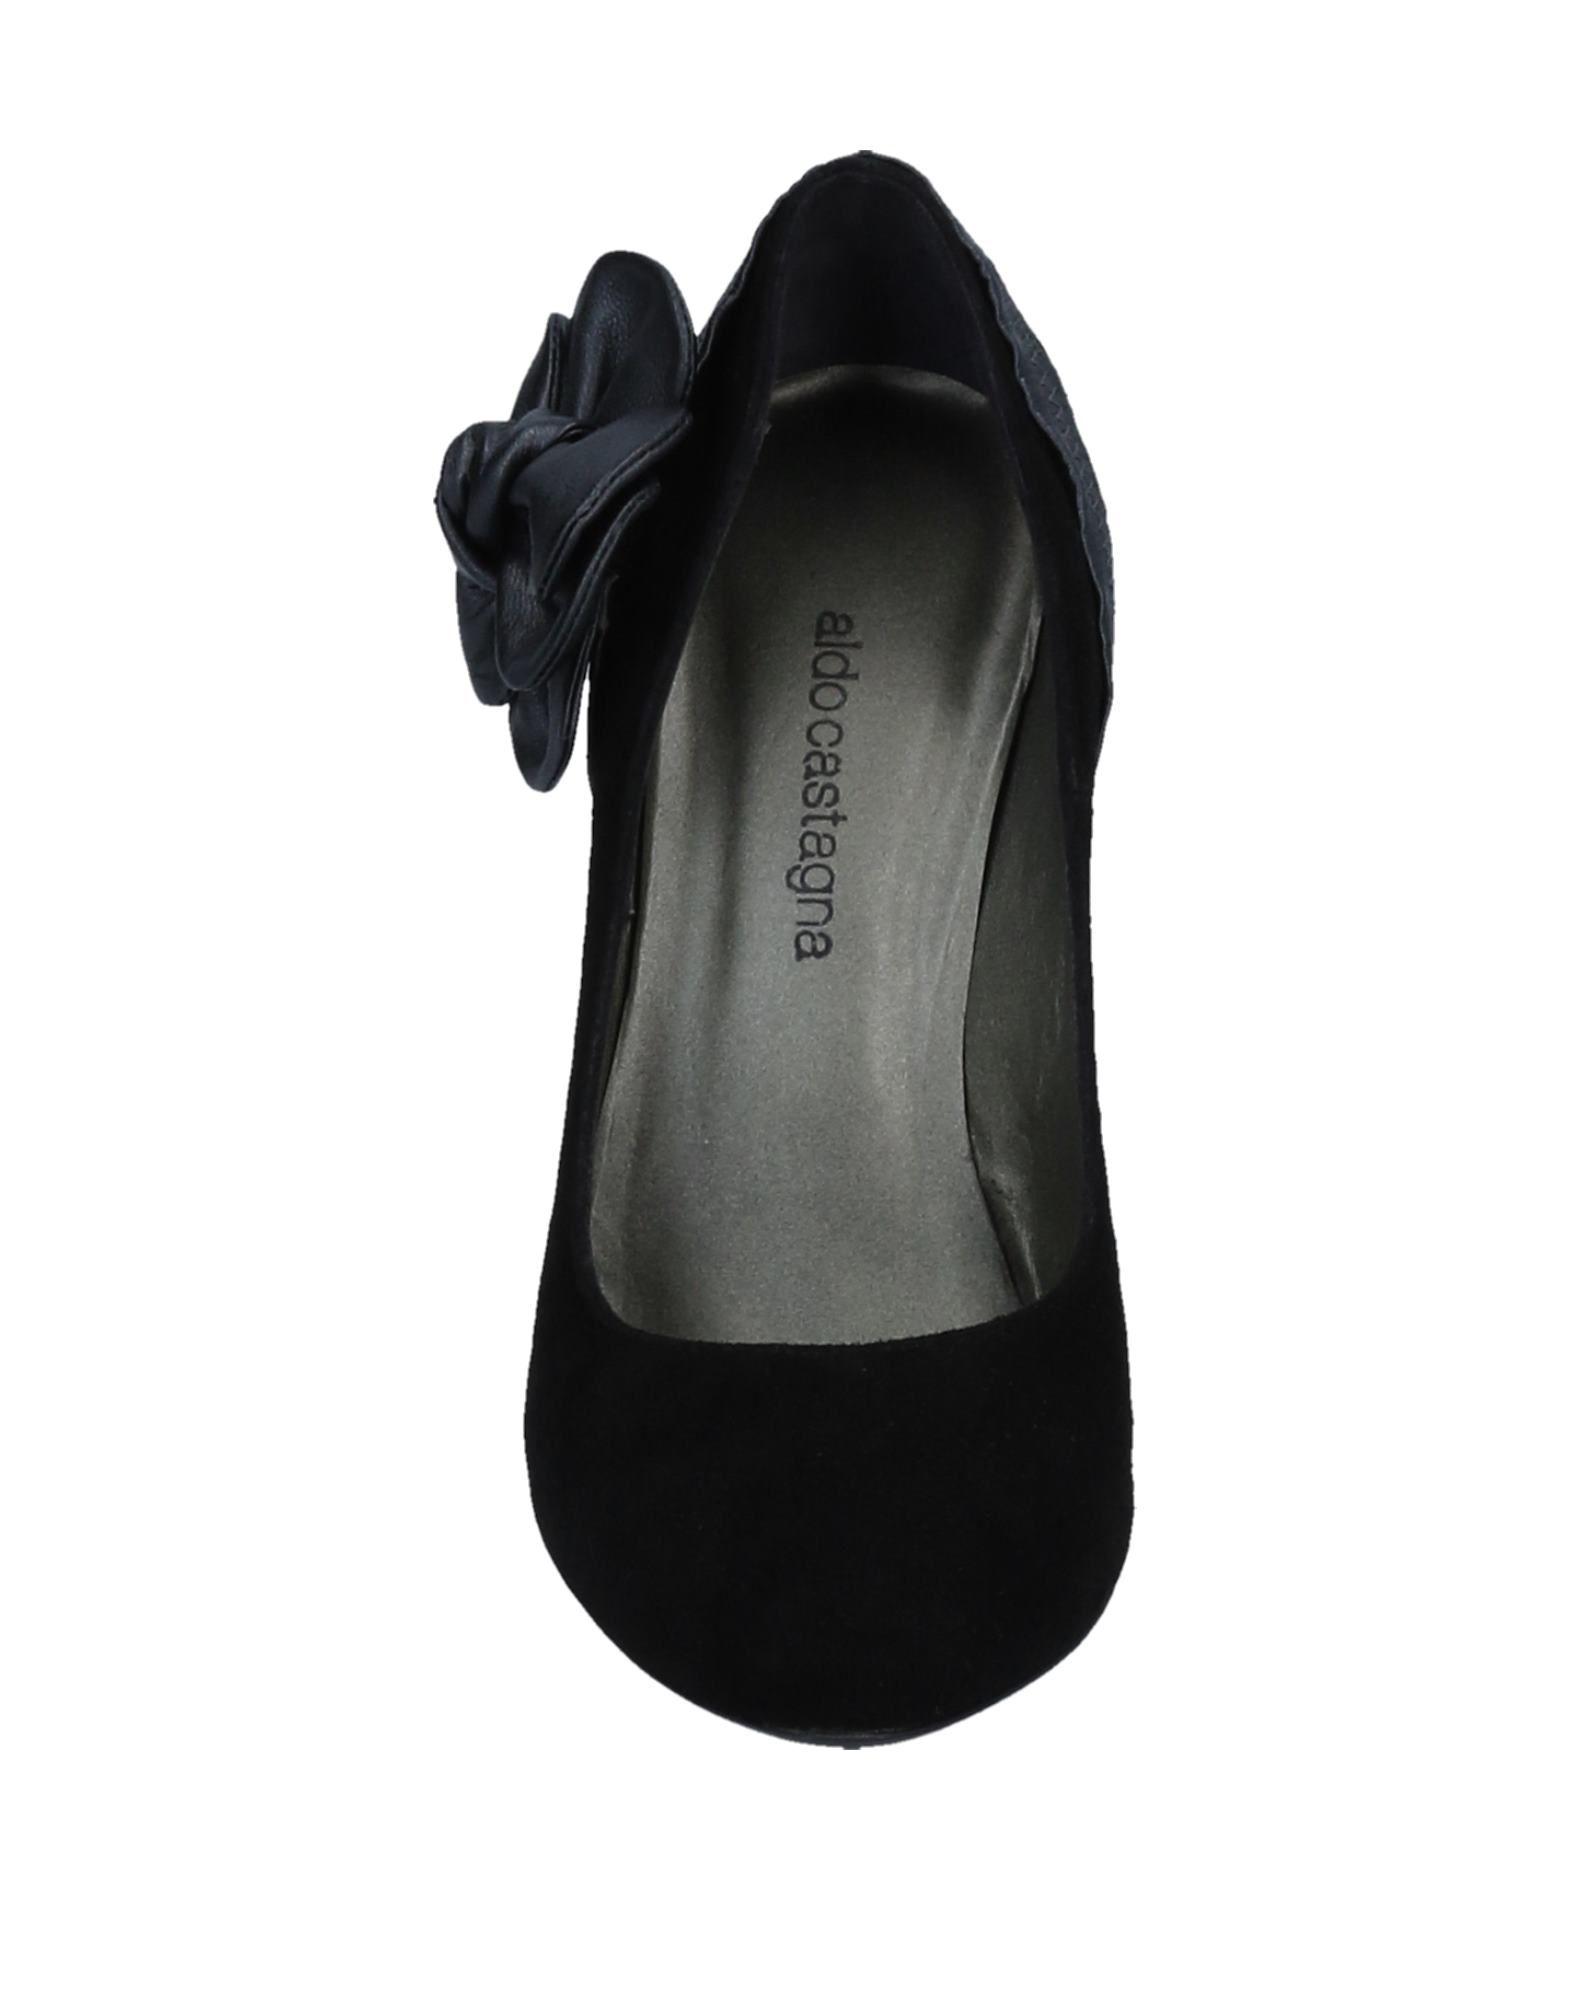 Aldo Castagna Pumps Damen  Schuhe 11517493JK Gute Qualität beliebte Schuhe  d0dfc7